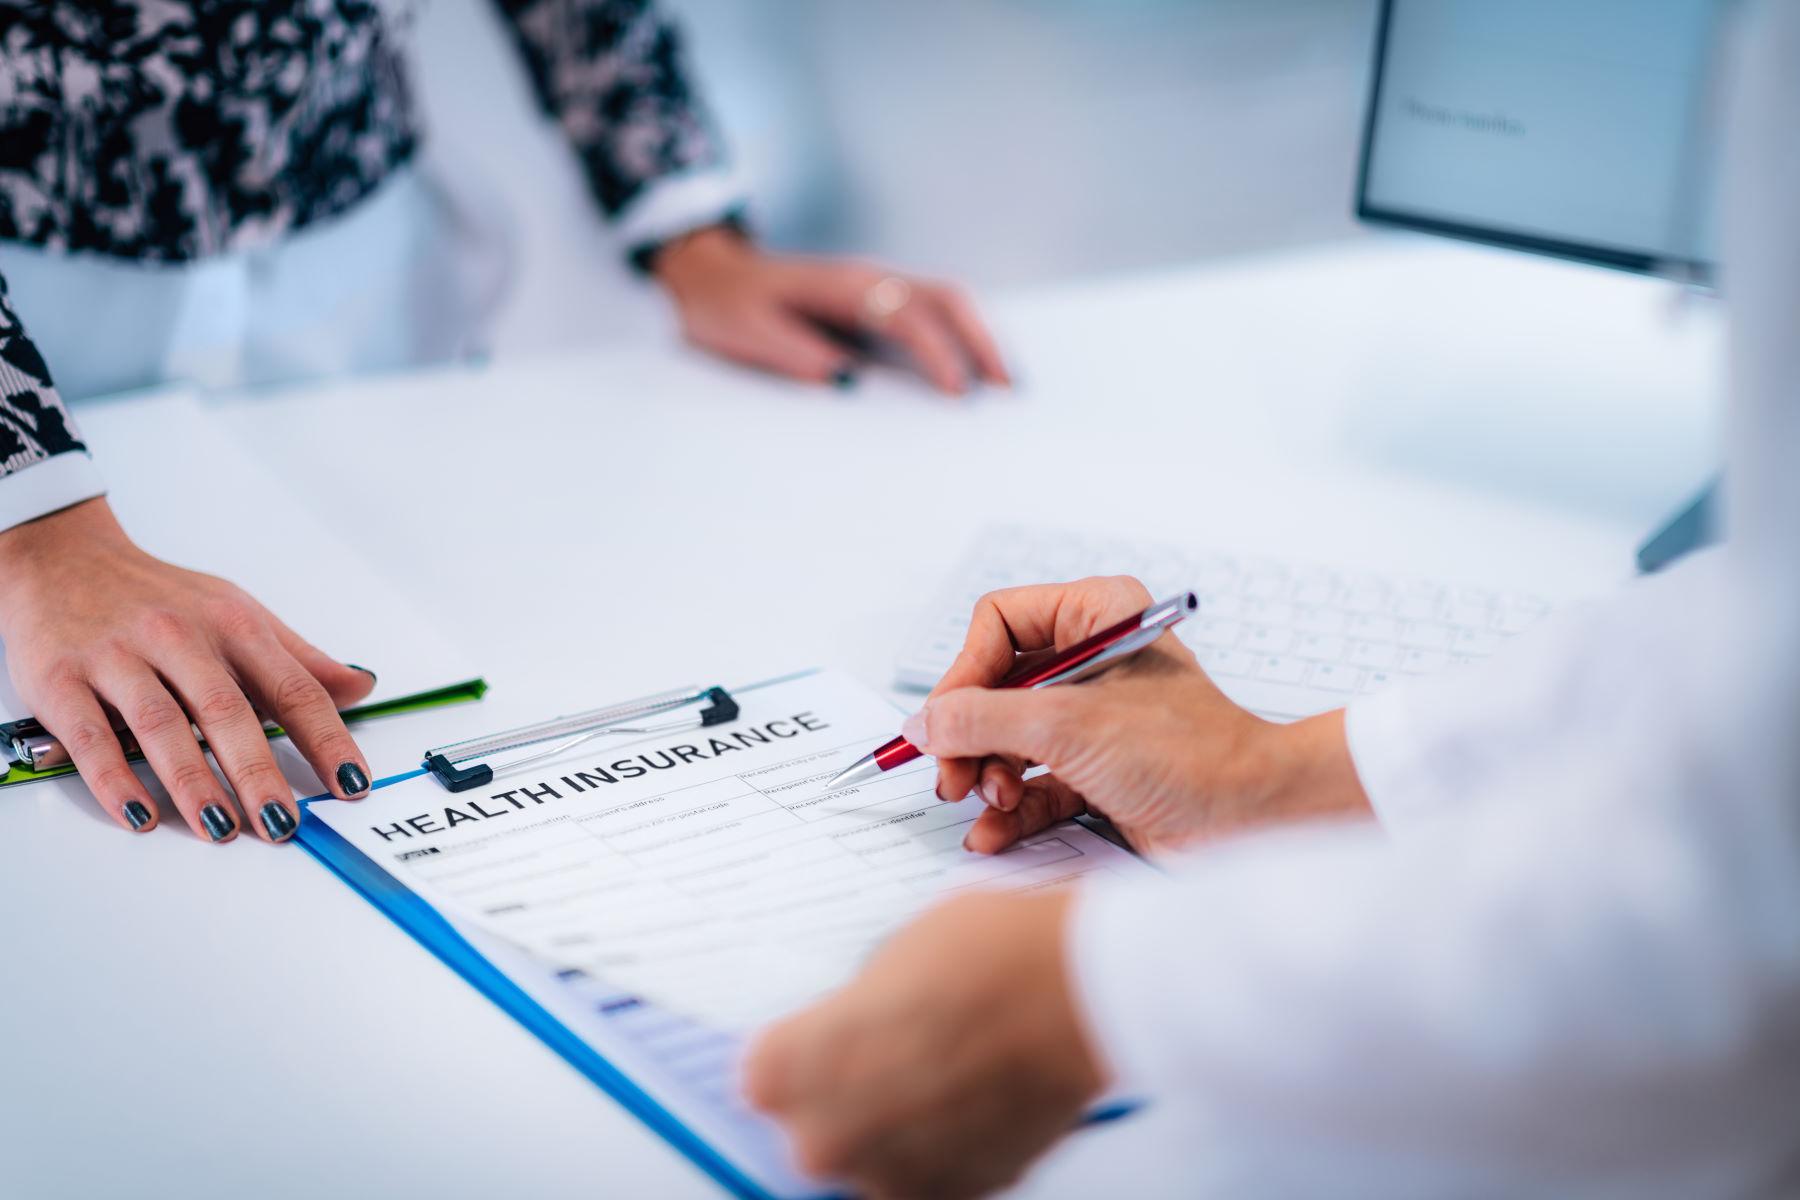 Już ostatnie dni kiedy pacjenci będą mogli mieć wystawione zlecenia na wyroby medyczne na starych zleceniach NFZ